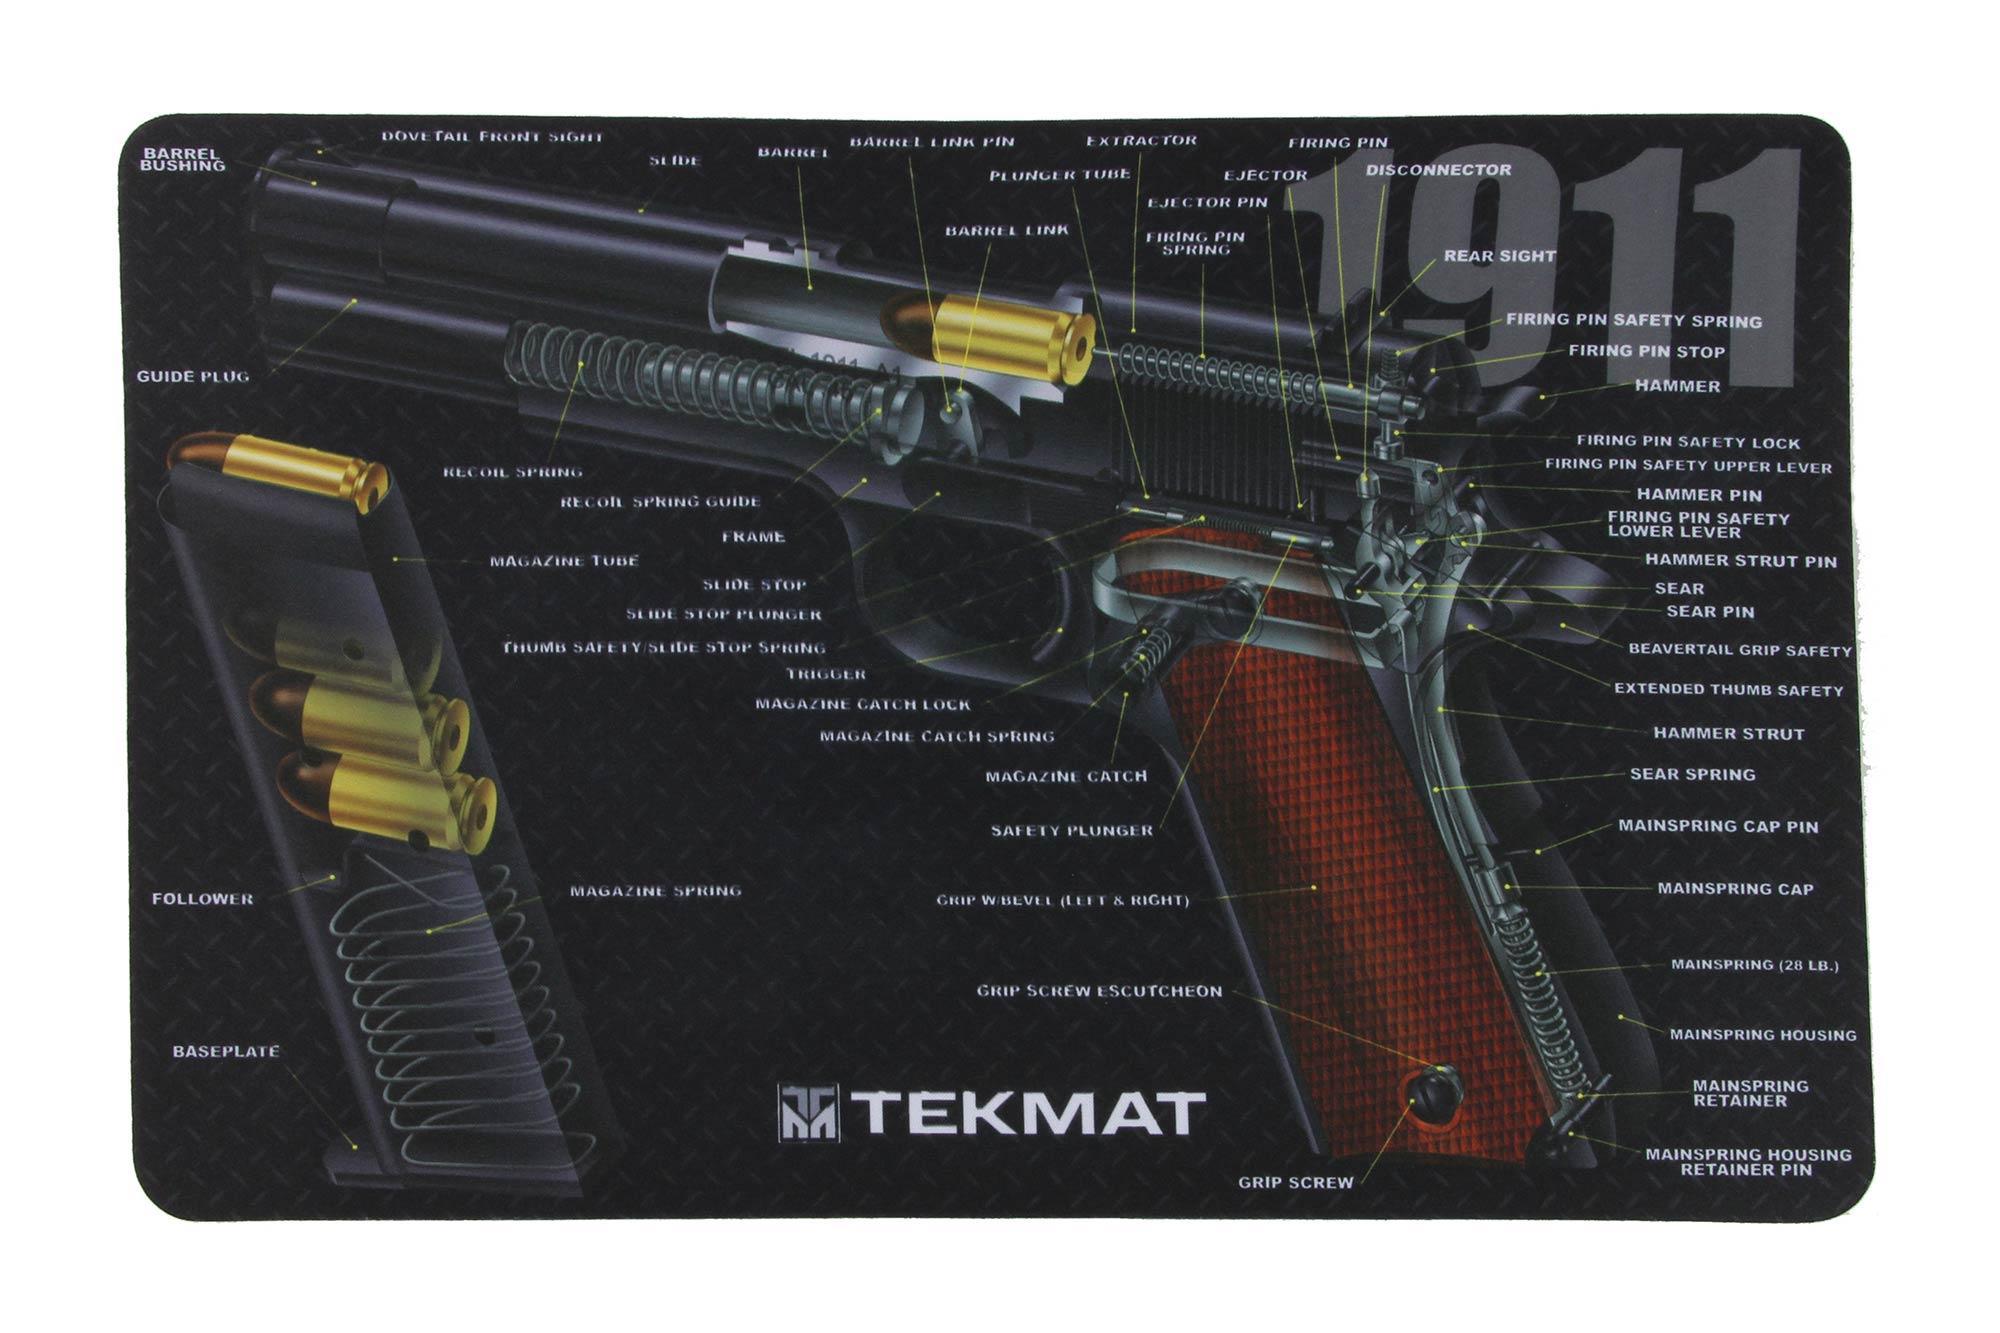 Tekmat 1911 3d Cutaway Gun Cleaning Mat 17 1911 Ca